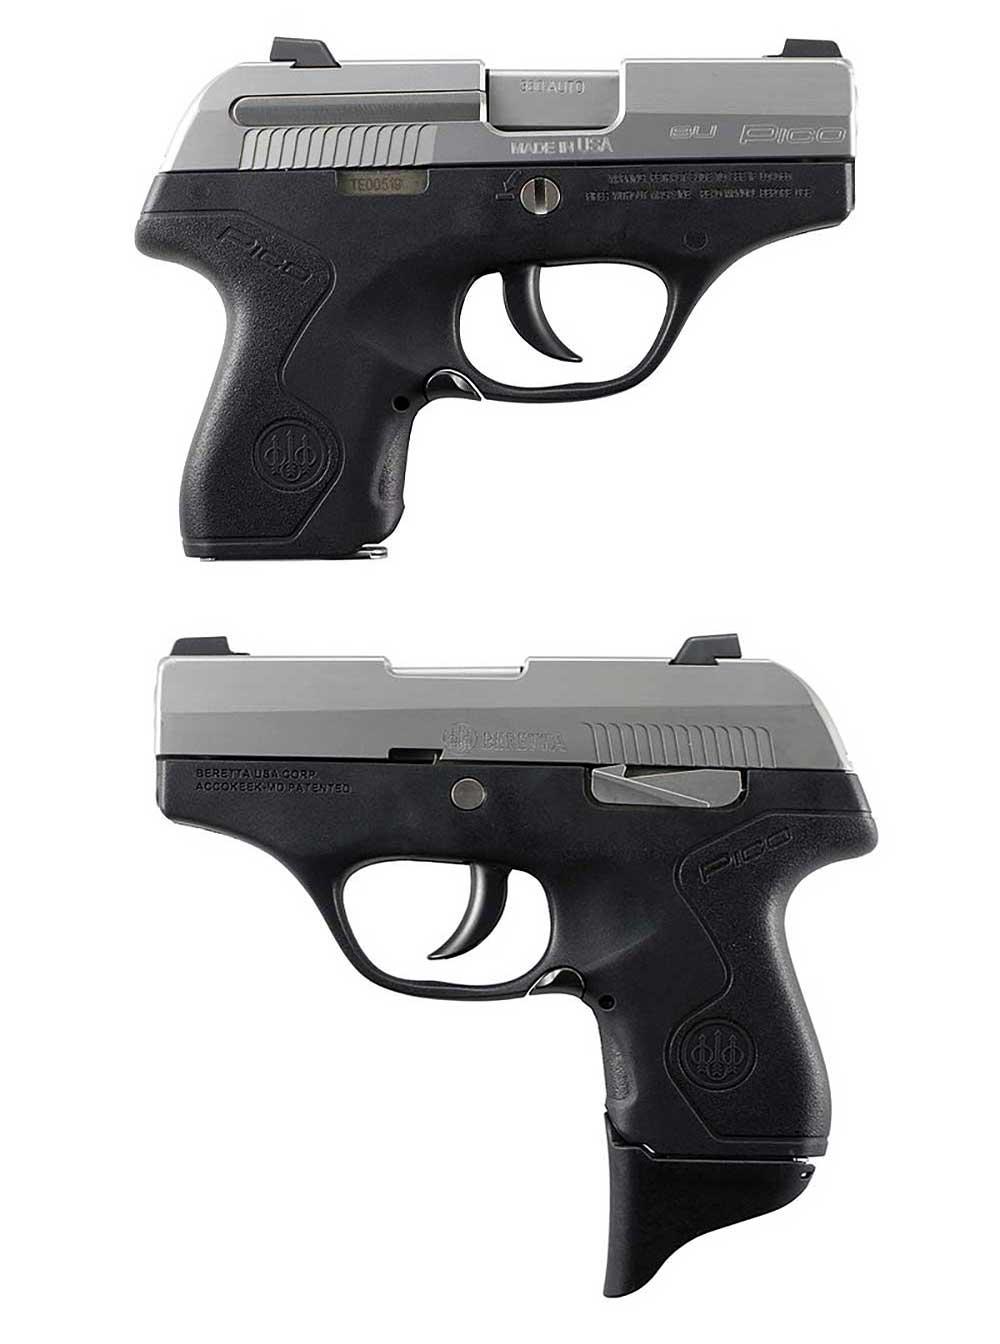 http://www.handgunsmag.com/files/2015/09/pocket-pistol-pico-meld.jpg